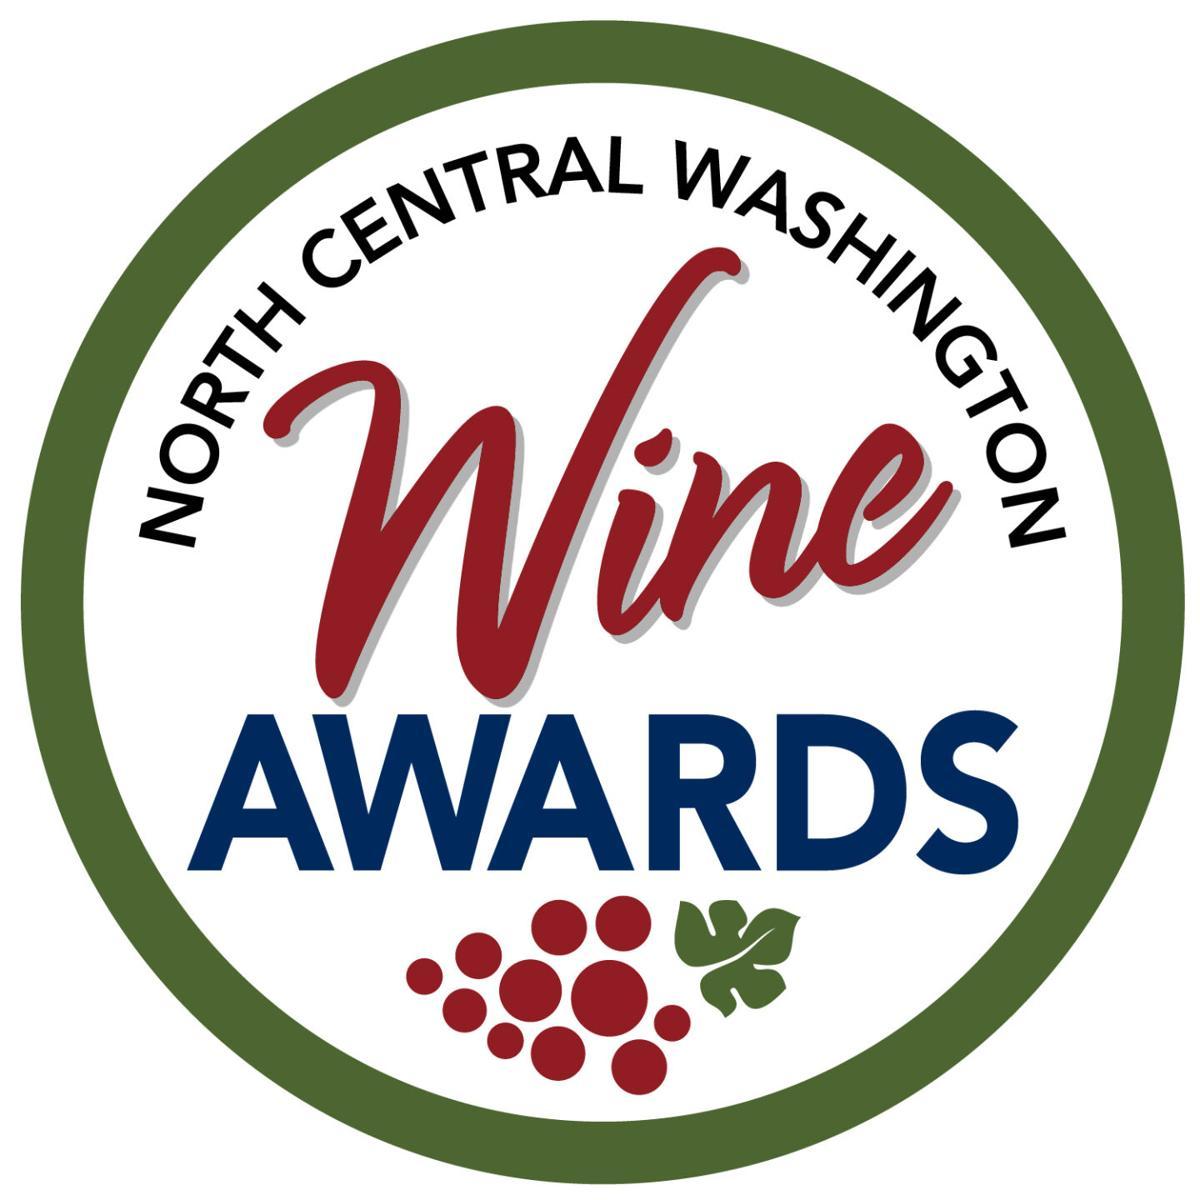 NCW Wine Awards logo